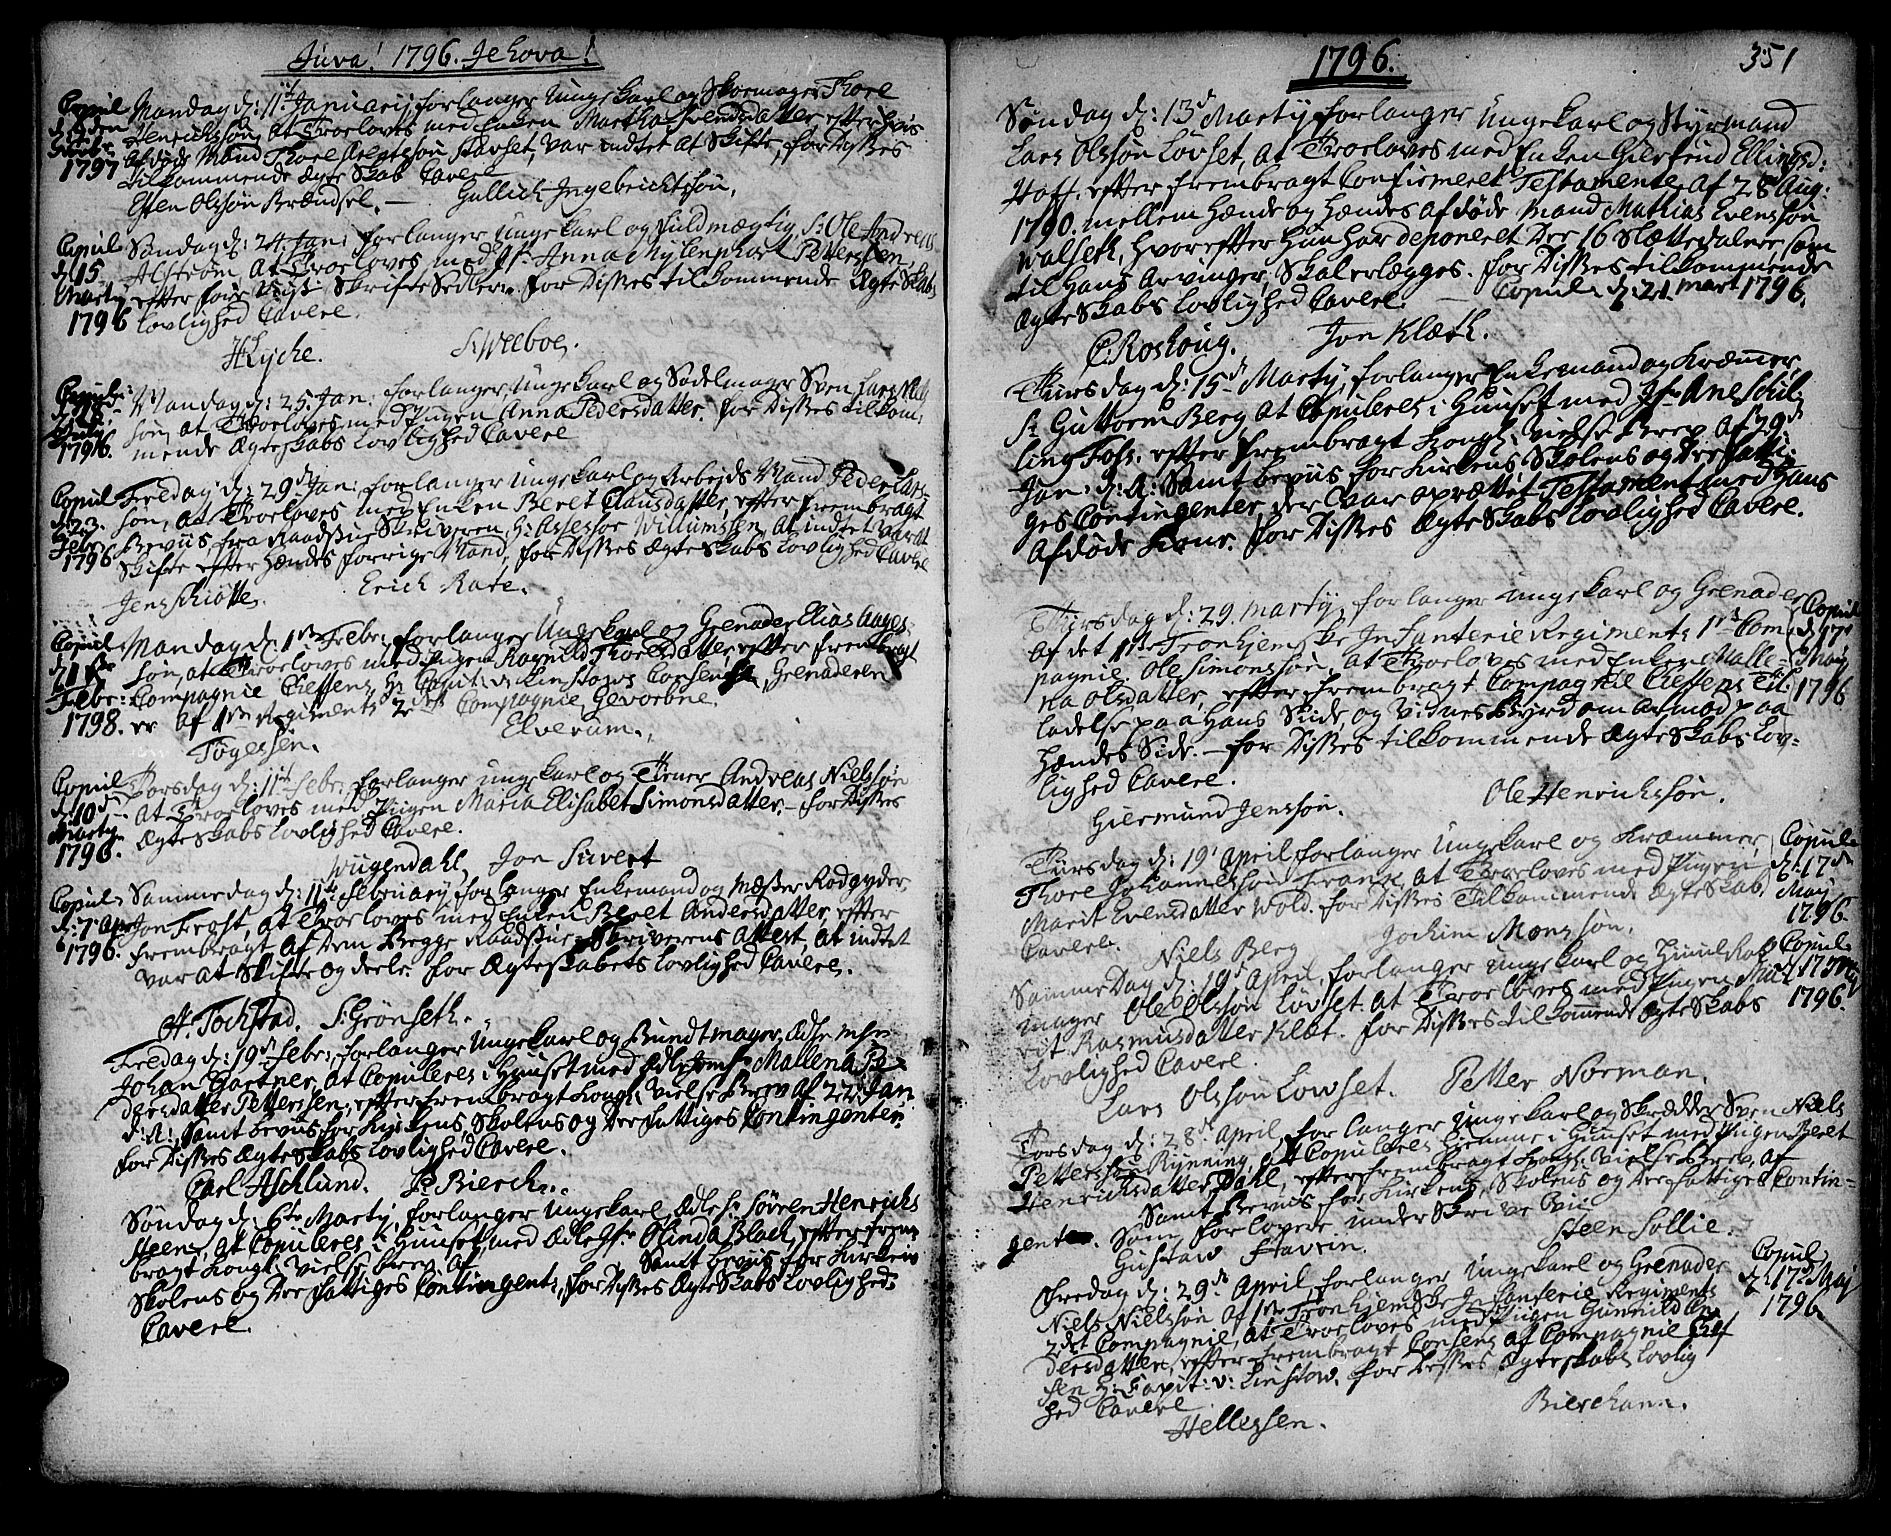 SAT, Ministerialprotokoller, klokkerbøker og fødselsregistre - Sør-Trøndelag, 601/L0038: Ministerialbok nr. 601A06, 1766-1877, s. 351